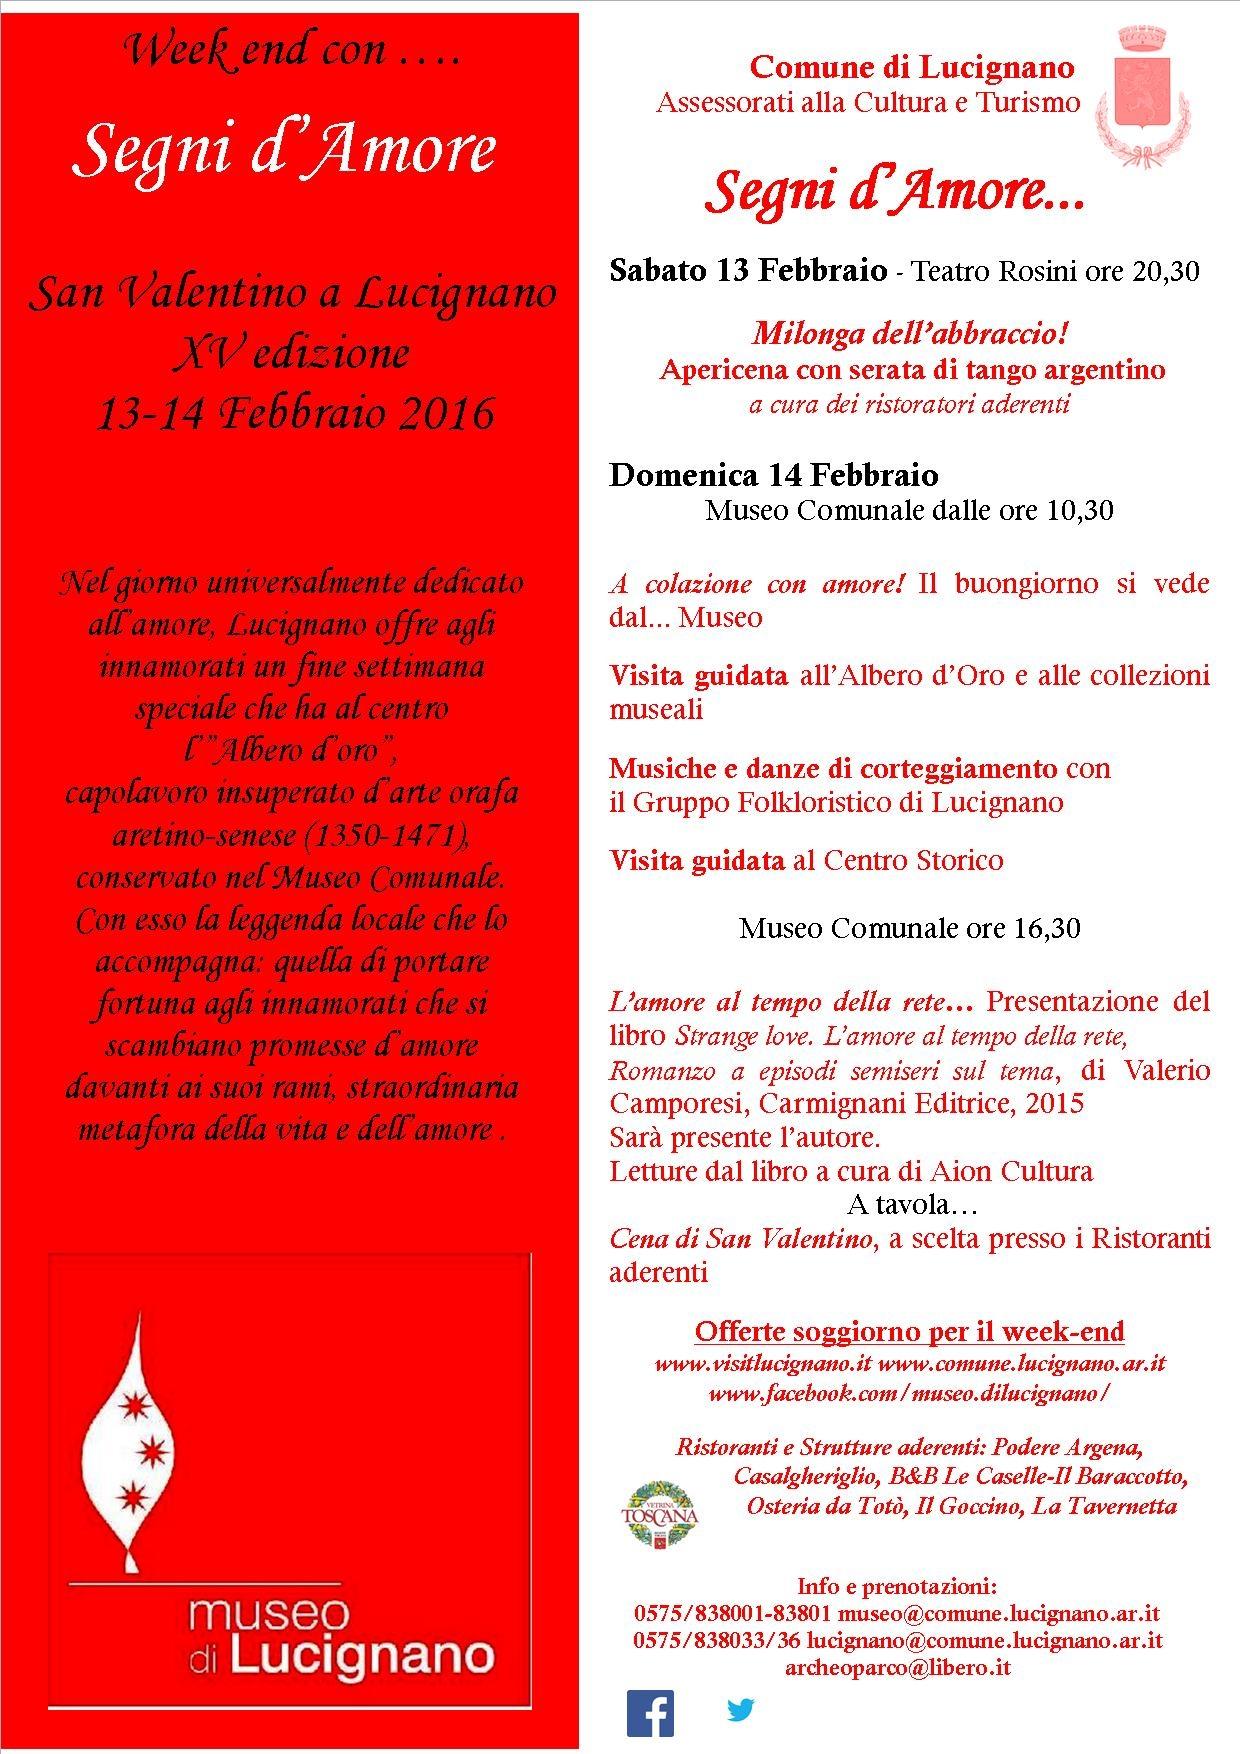 San Valentino speciale a Lucignano con 'Segni d'amore'